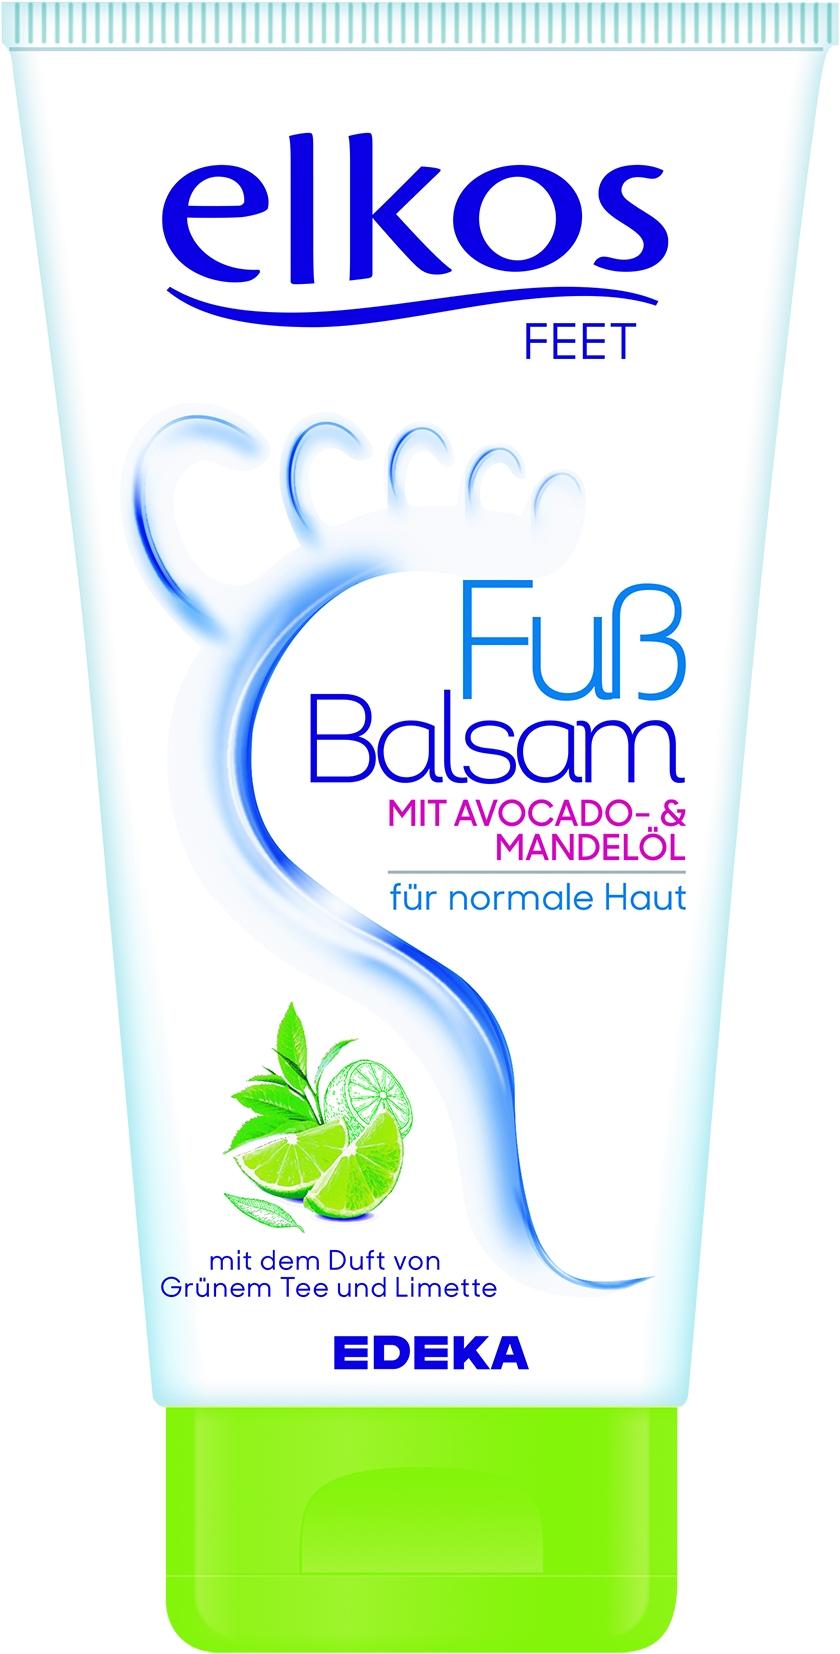 Fuss-Balsam